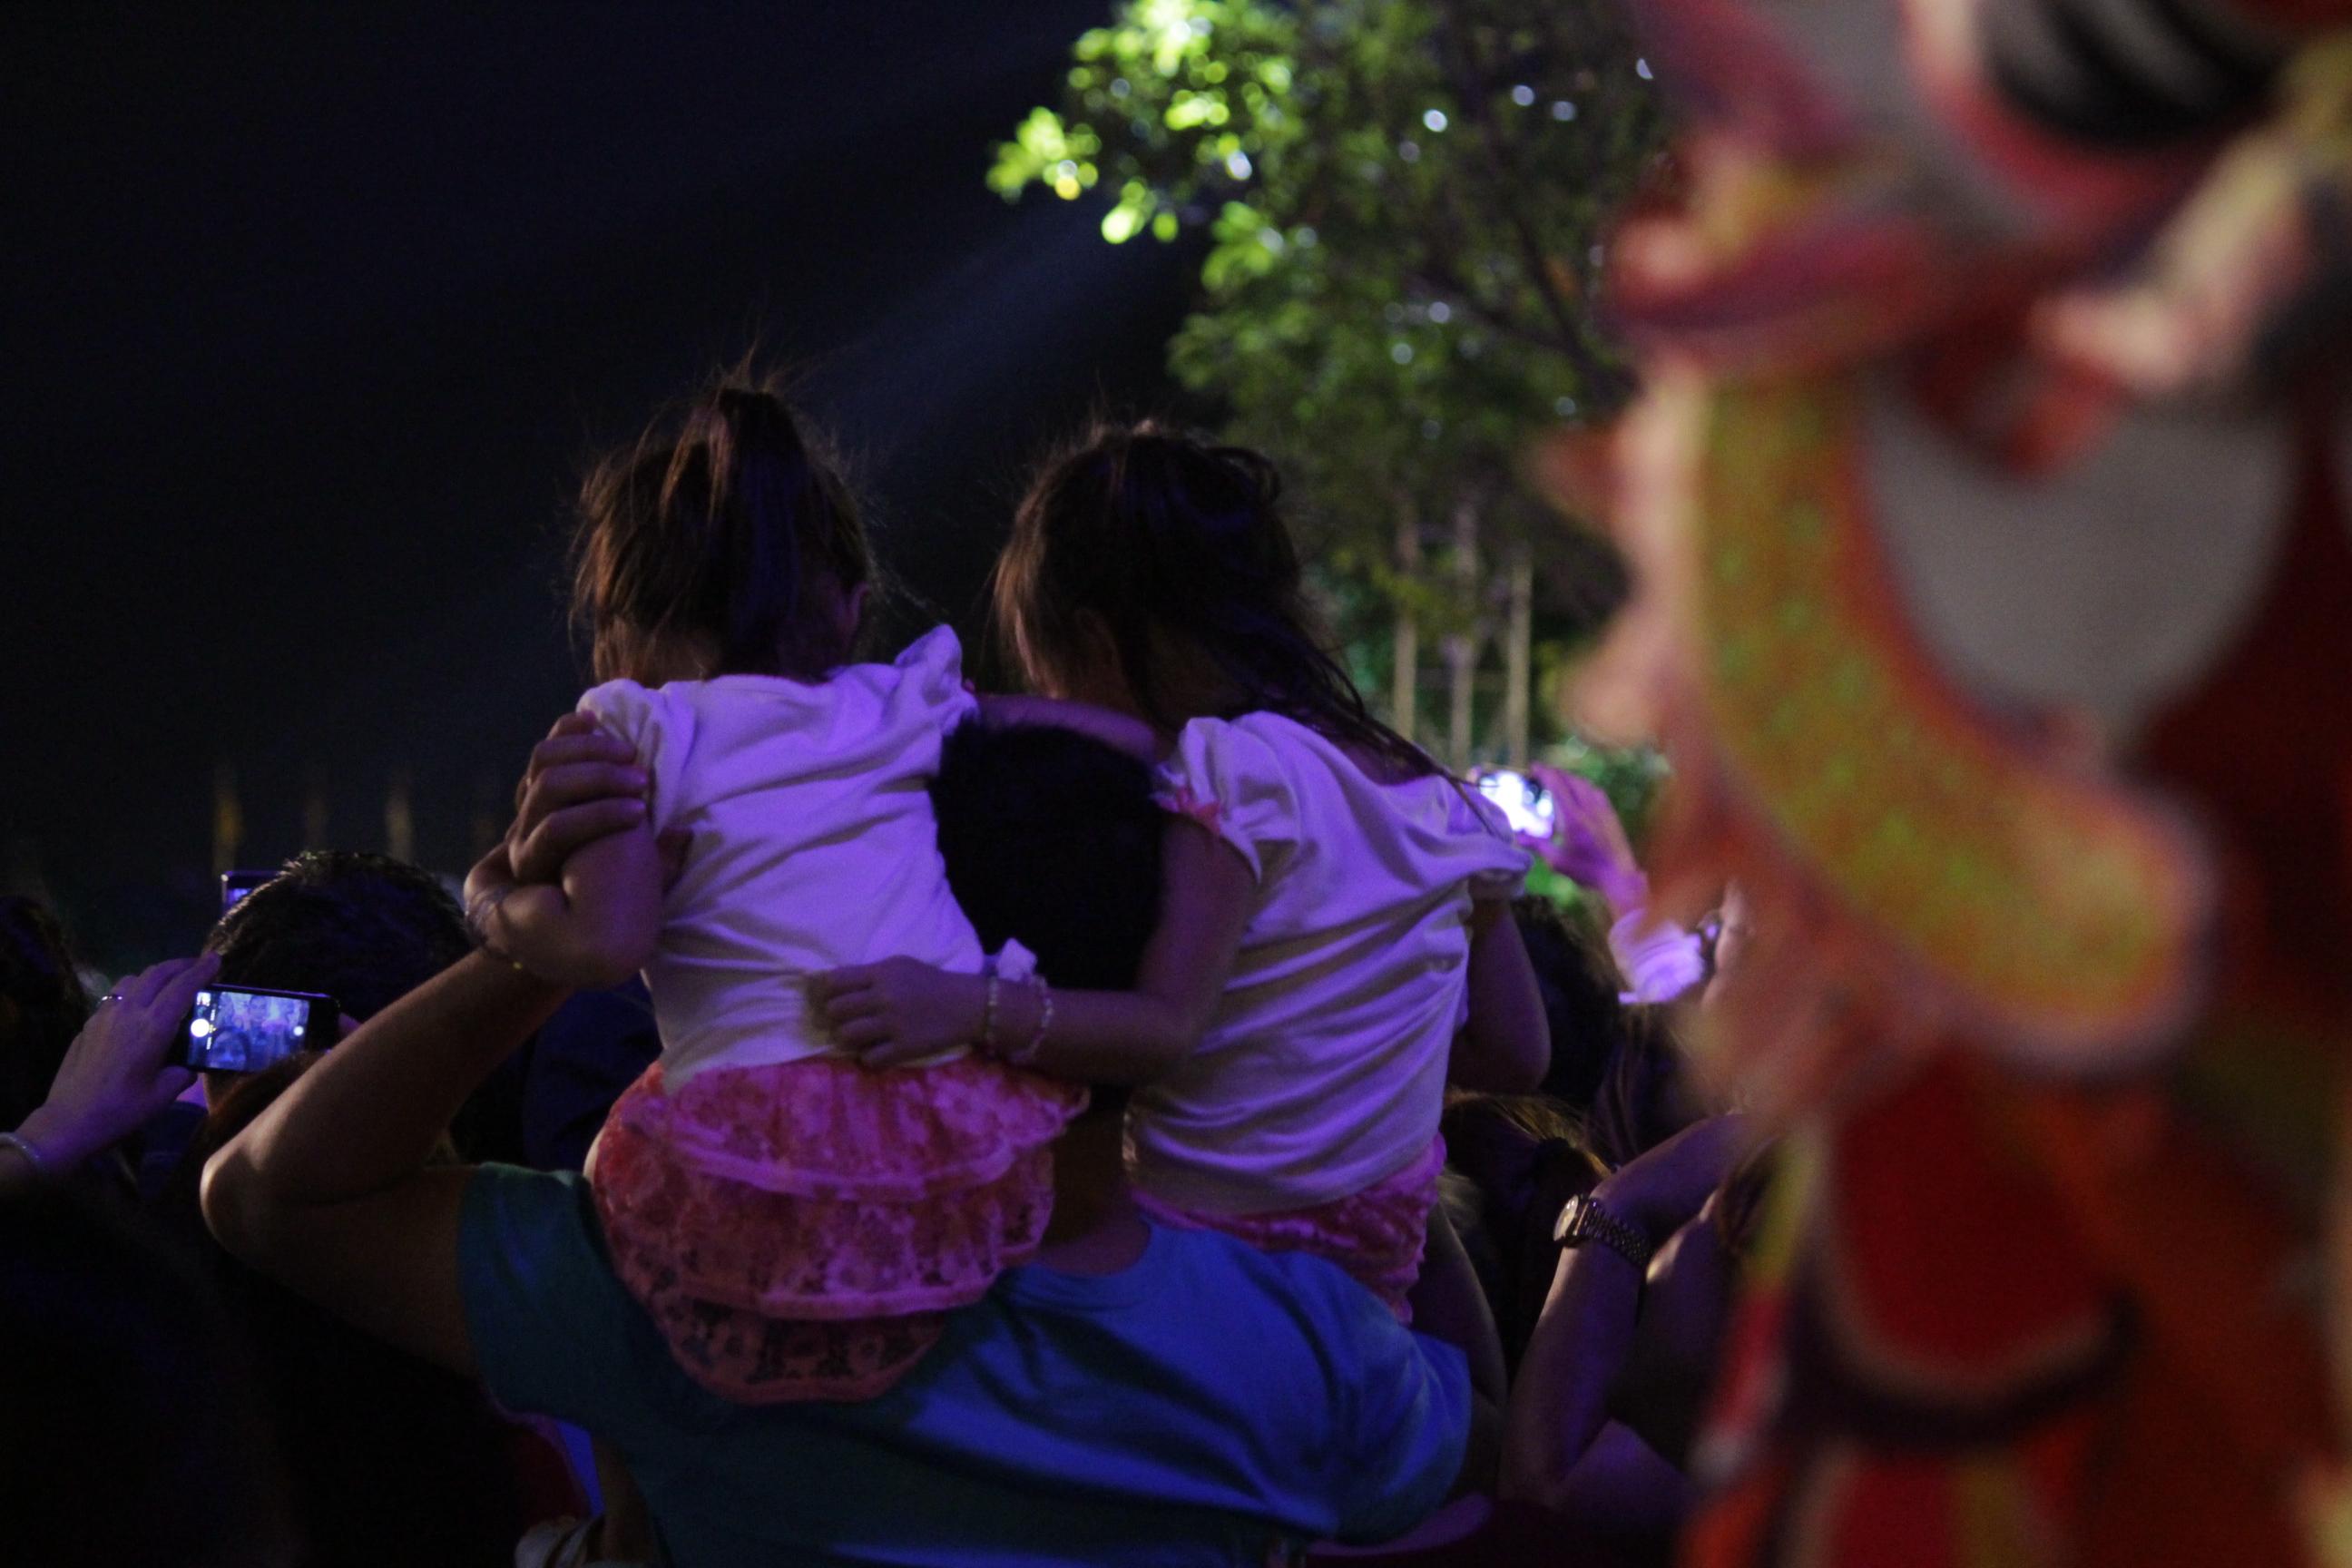 Các em nhỏ được bố mẹ công kênh trên vai háo hức, say mê theo dõi màn bắn pháo hoa.